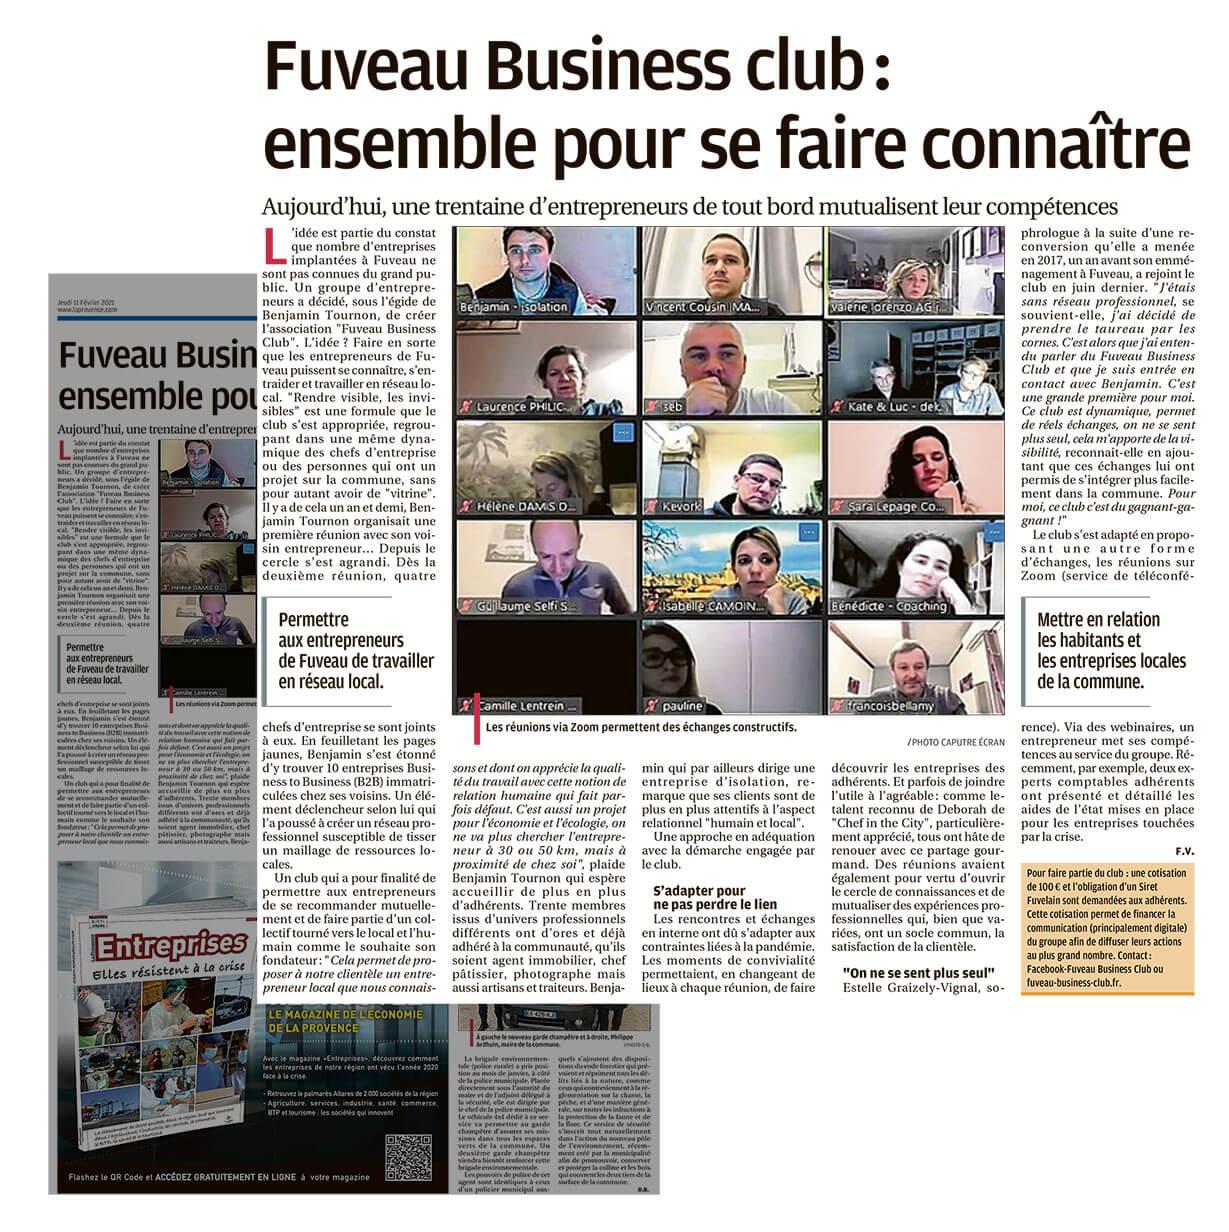 Article du 11 Février, le Fuveau Business Club mis à l'honneur